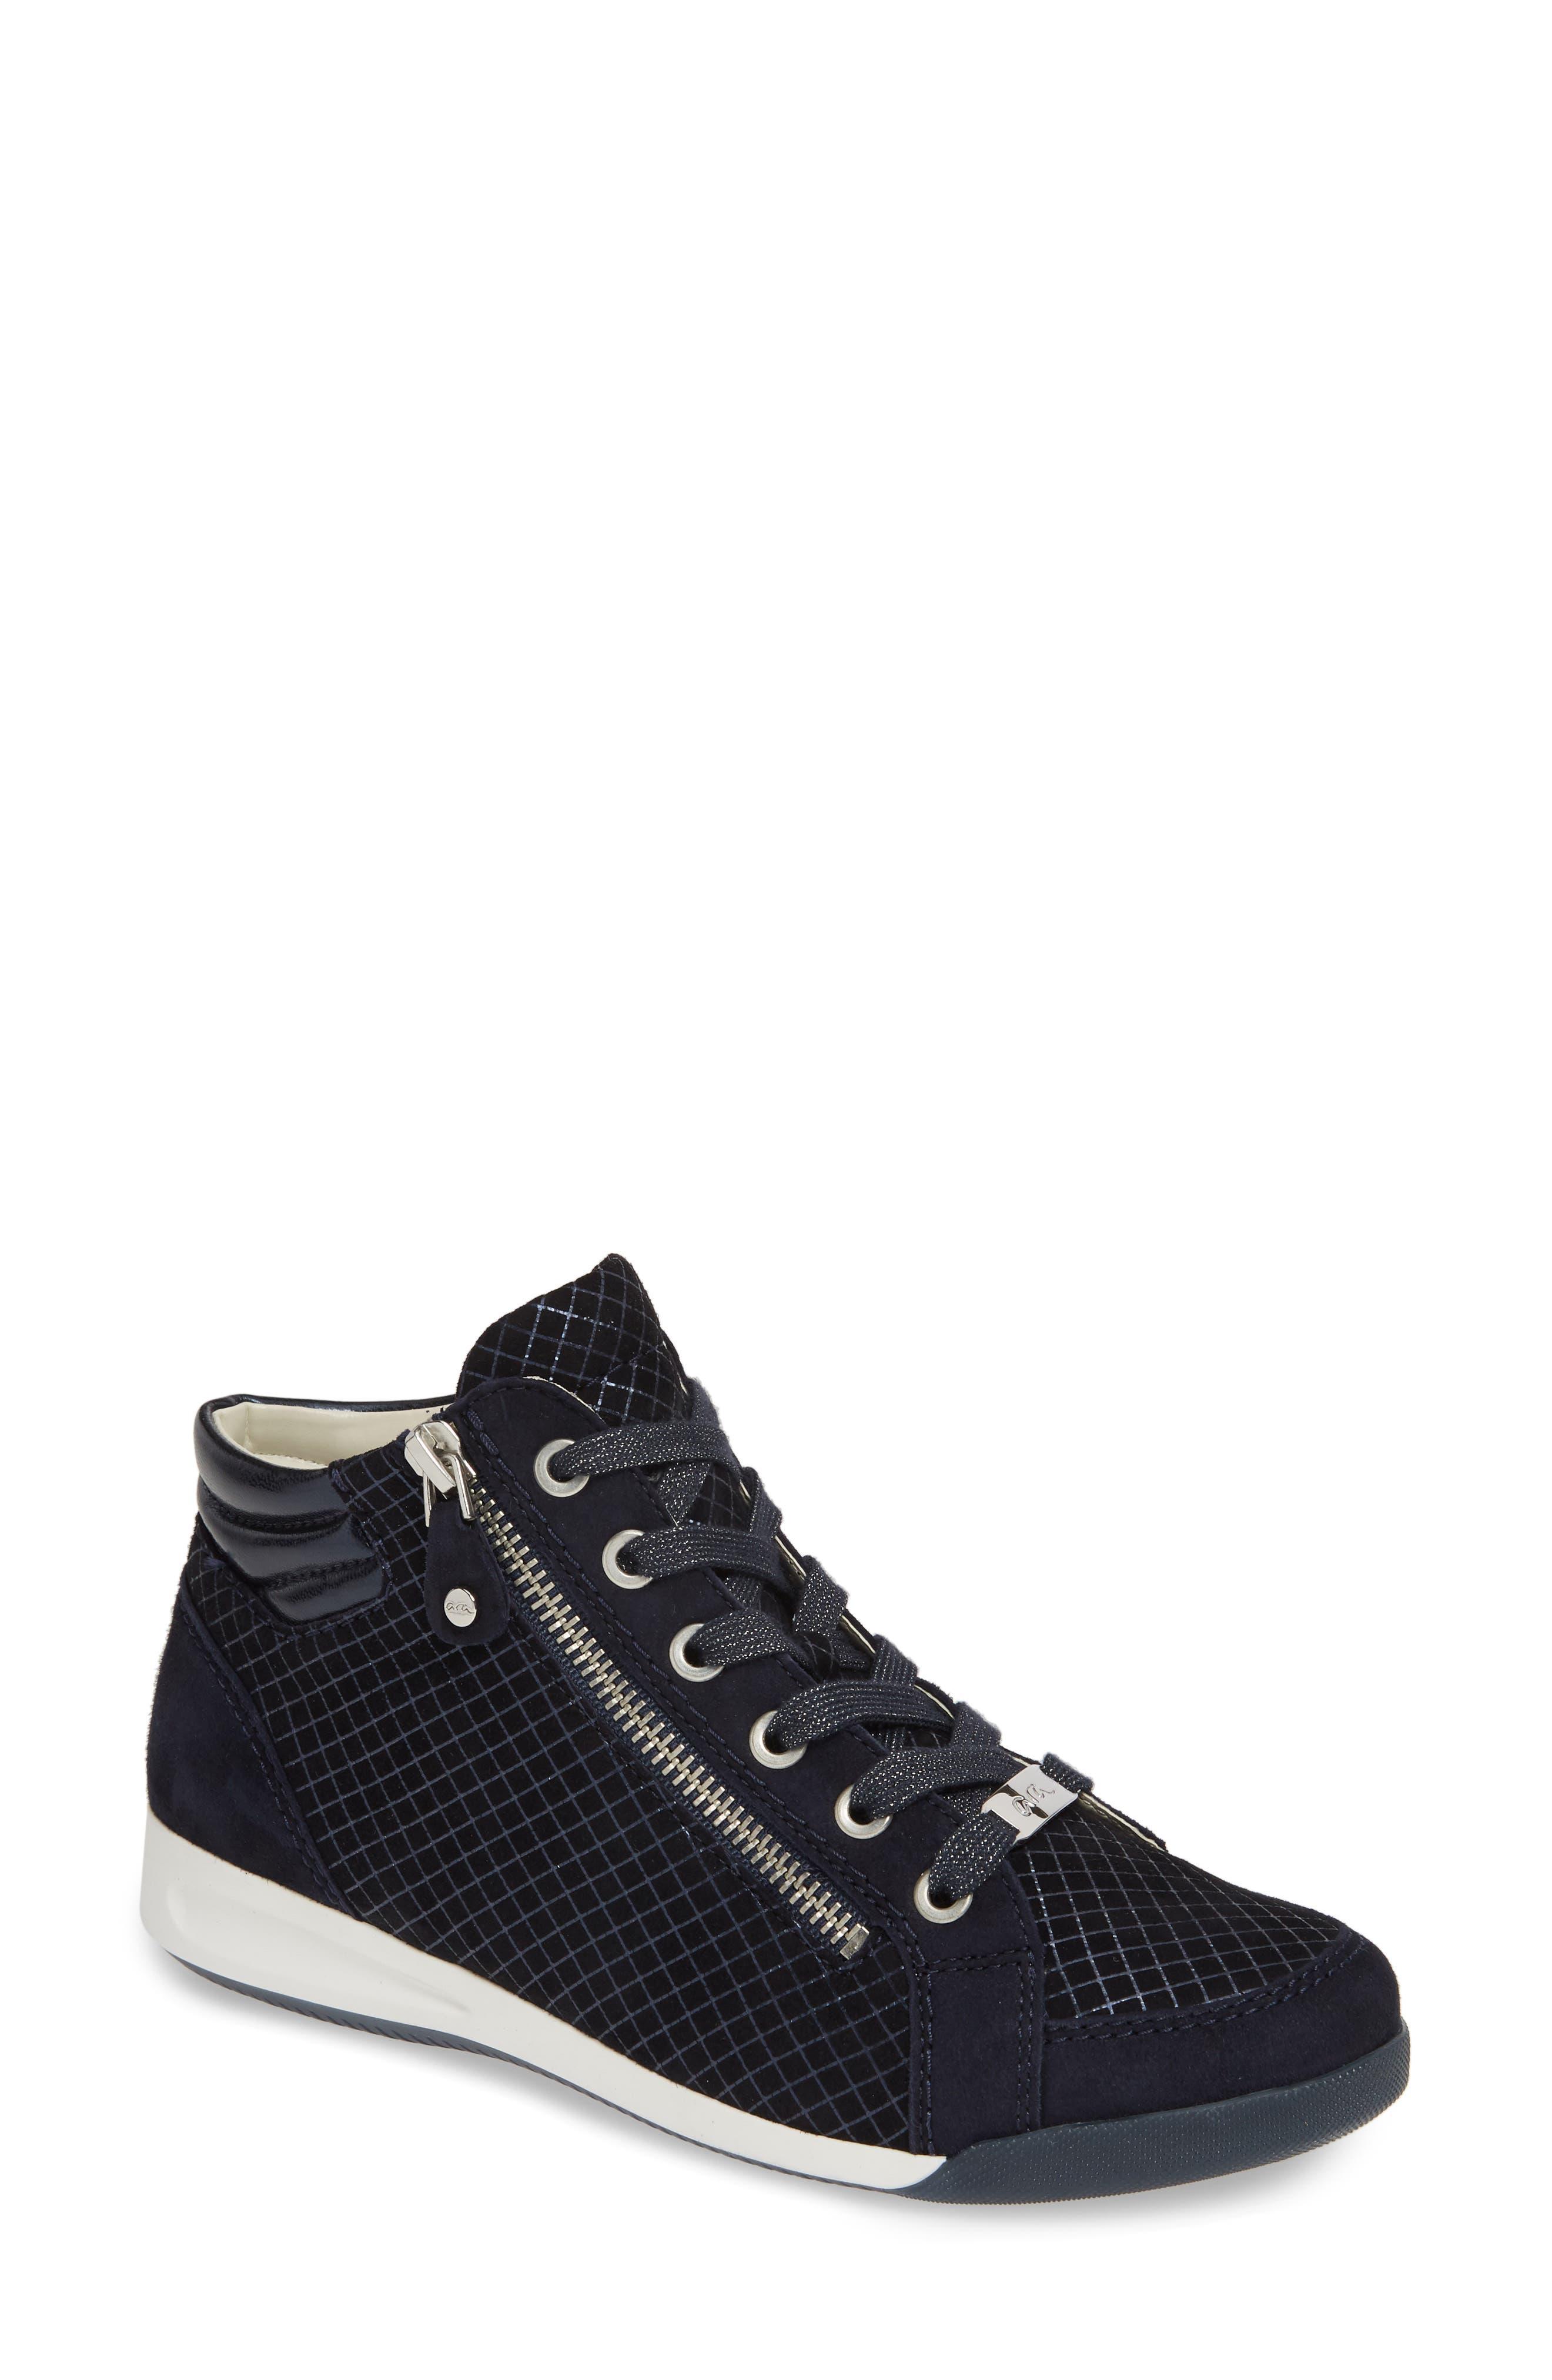 Ara Rylee High Top Sneaker, Black